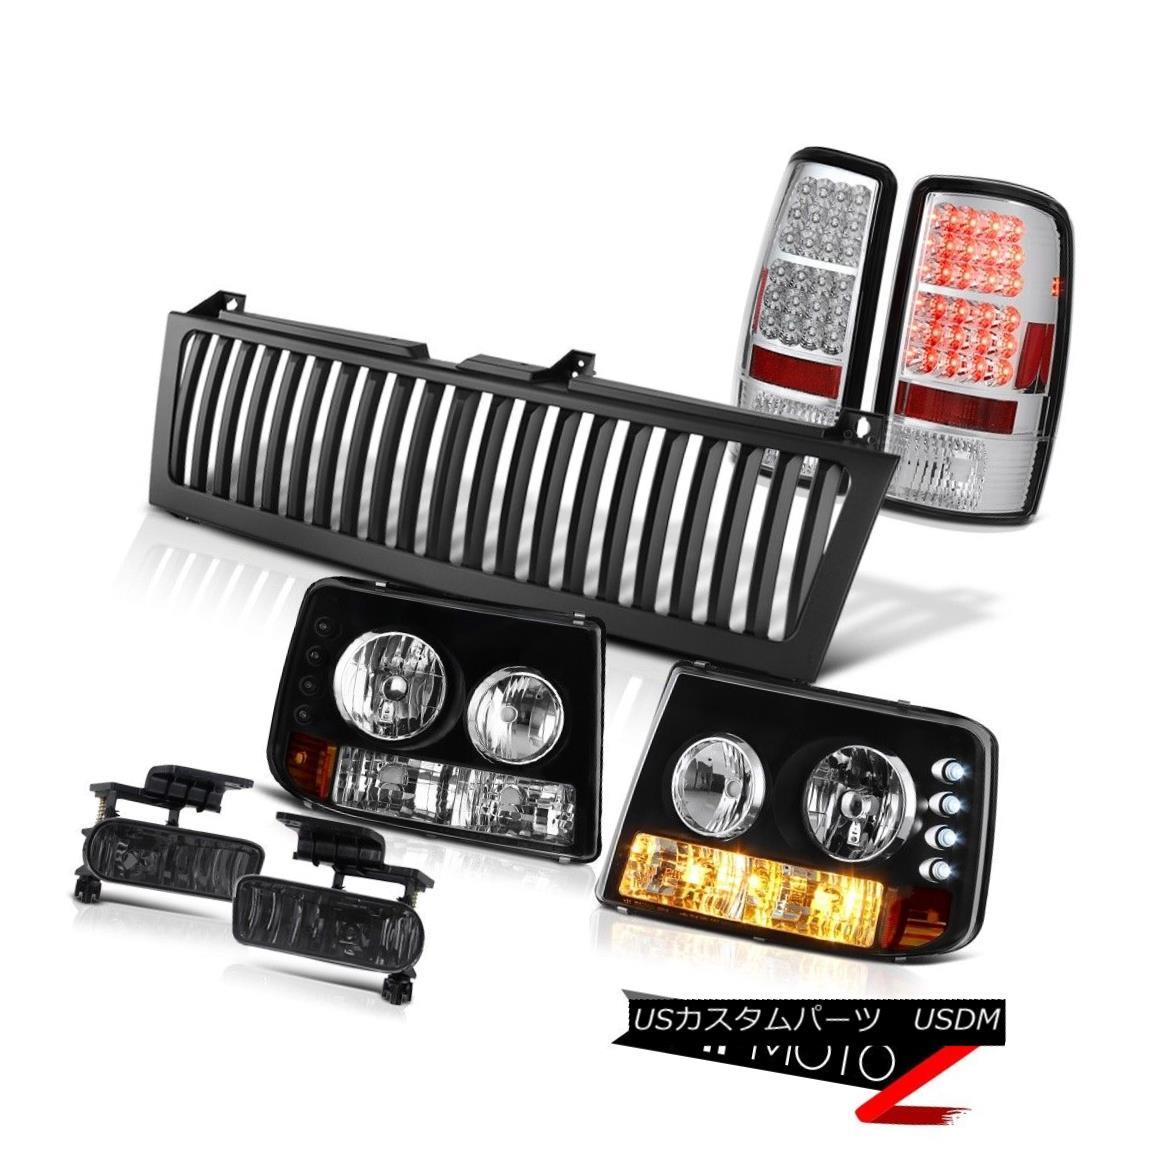 ヘッドライト 2000-2006 Chevy Tahoe Bumper+Headlight SMD LED Tail Light Smoke Fog Black Grille 2000-2006シボレータホバンパー+ヘッドリッグ ht SMD LEDテールライトスモークフォグブラックグリル